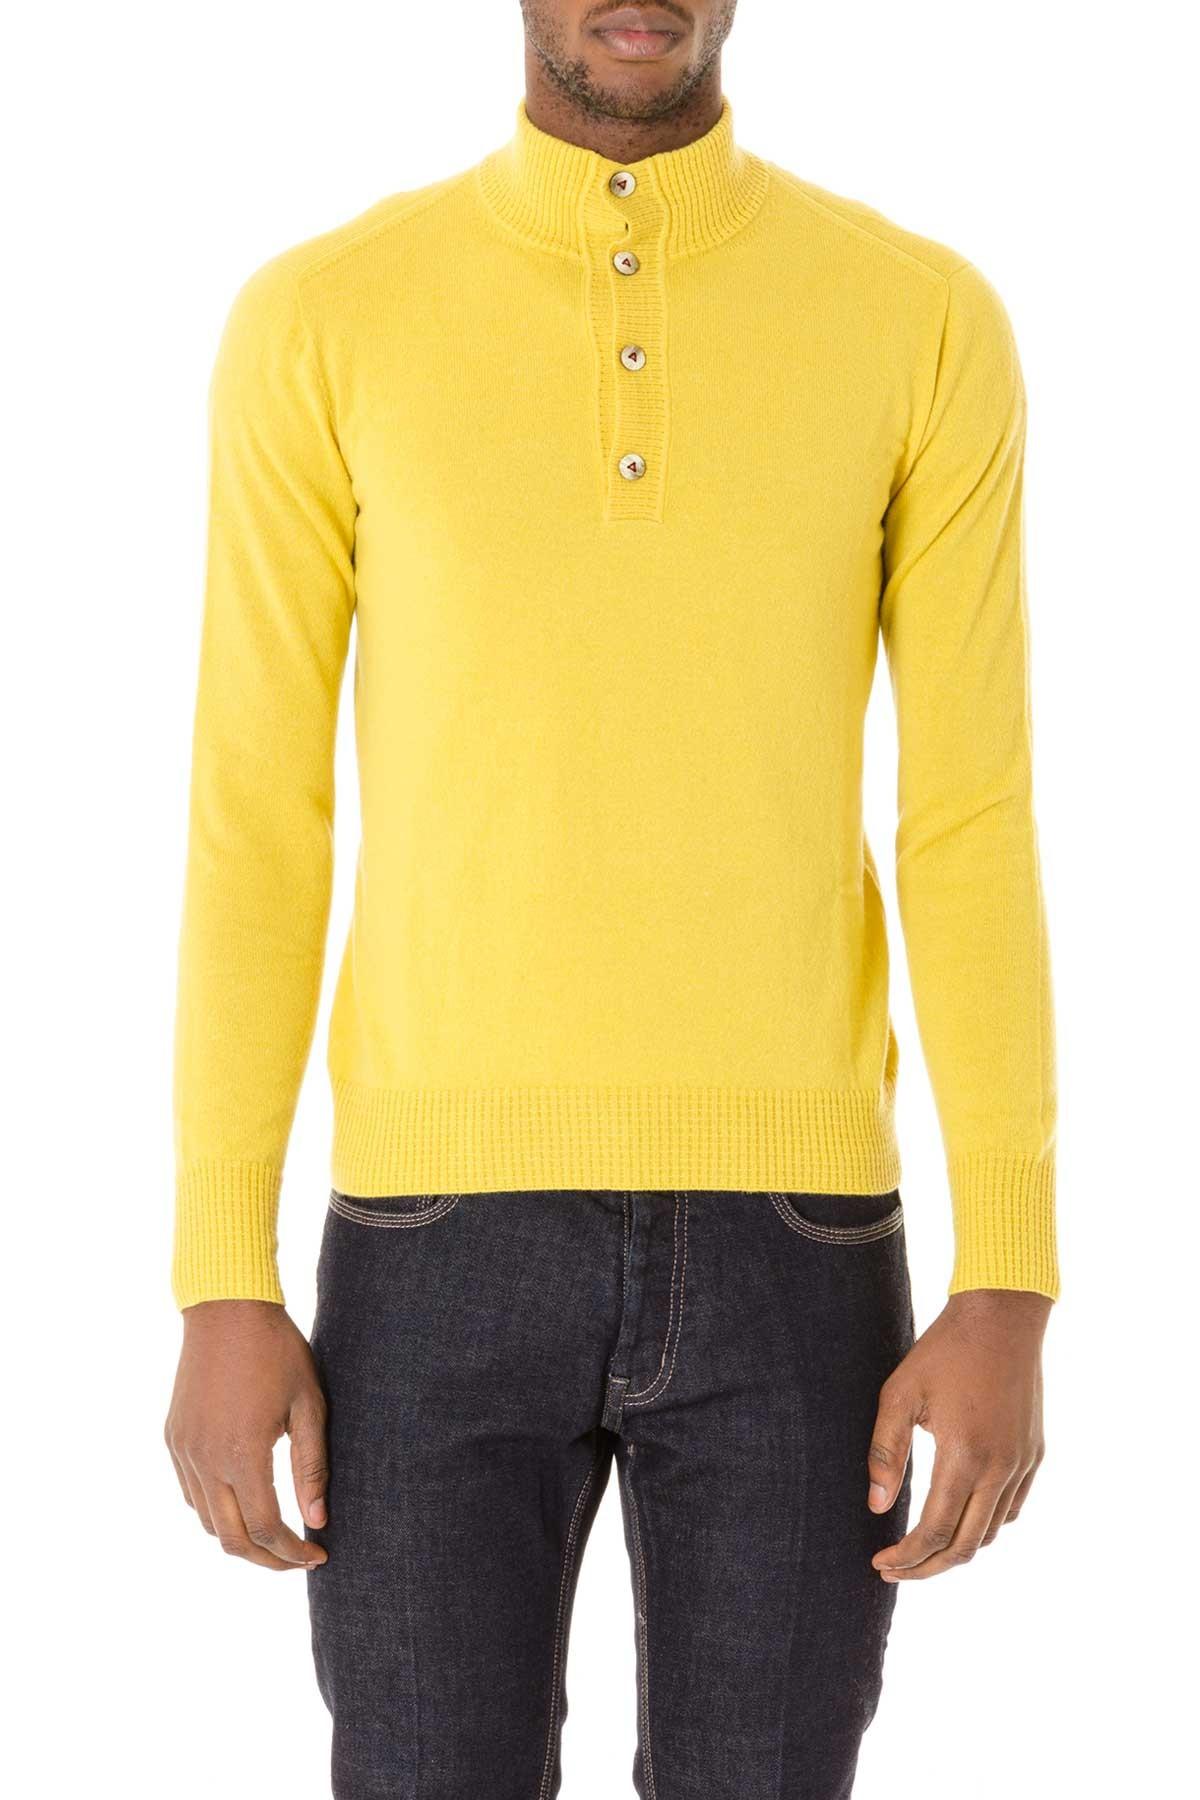 check out 801d7 68ebb Autunno inverno cardigan giallo da uomo H953